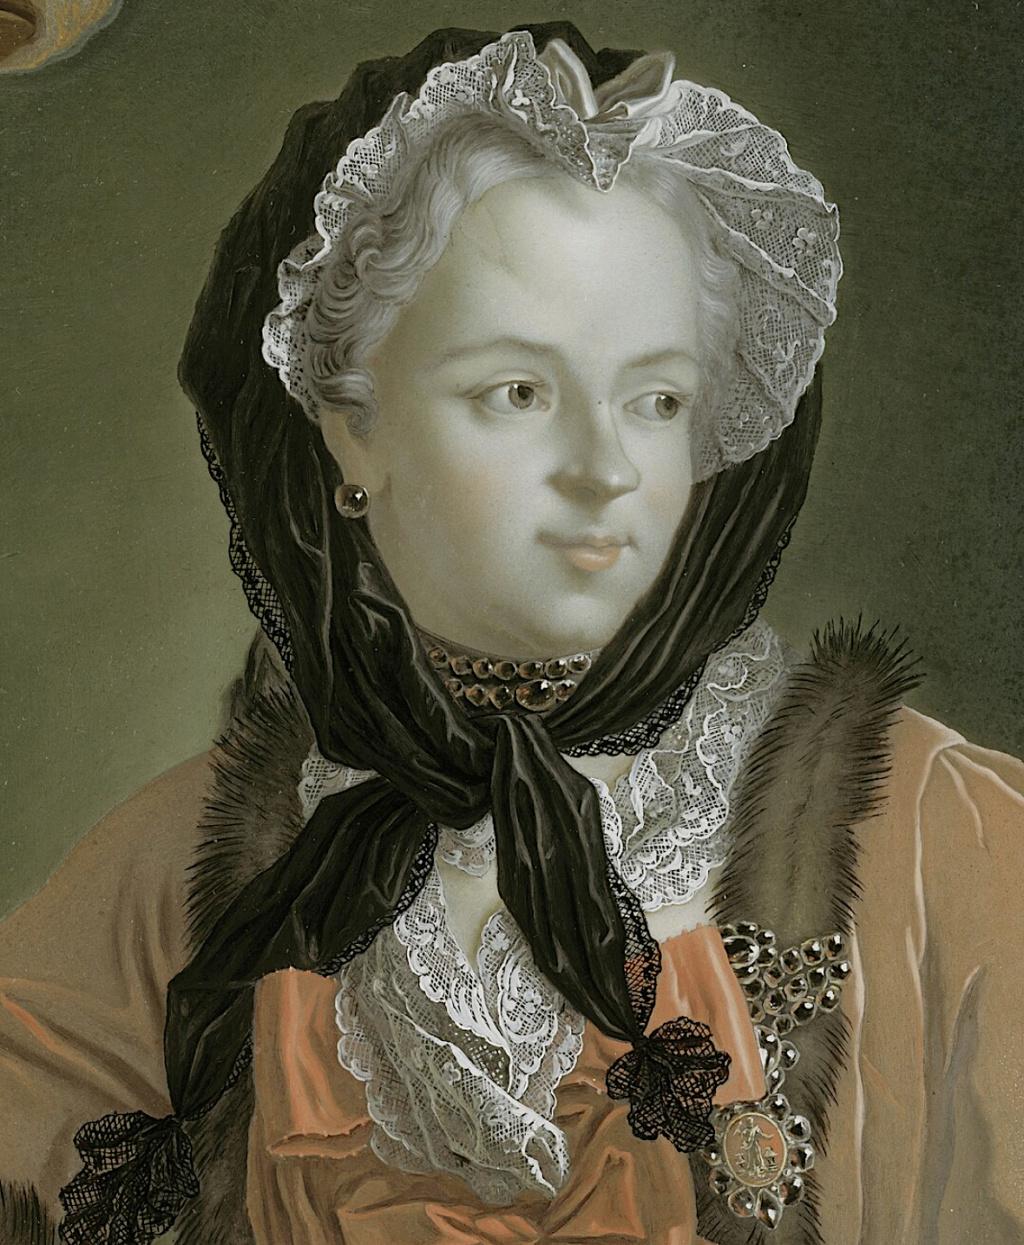 La reine Marie Leszczynska - Page 2 Captu494